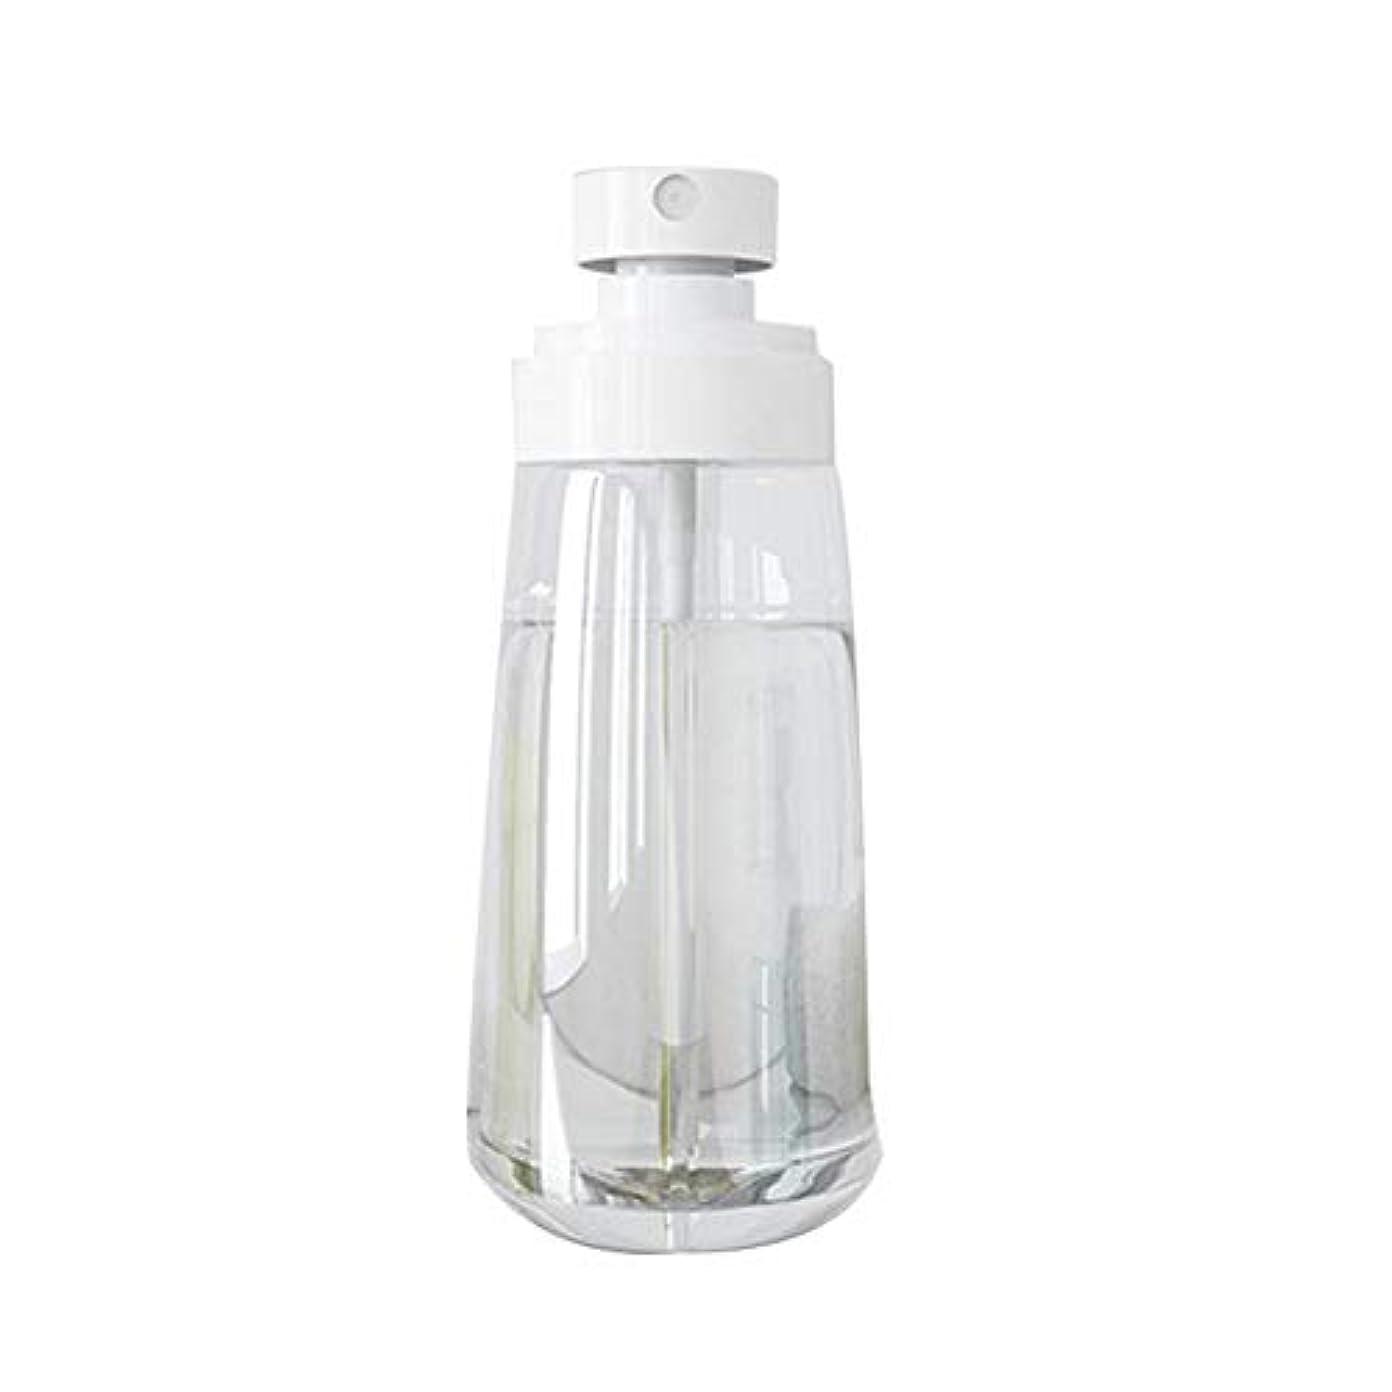 保存する独立して作家LUERME スプレーボルト 60ml PET製 化粧水の詰替用 極細のミストを噴霧する 旅行用の霧吹き 小分けの容器 アルコール消毒用 アトマイザー